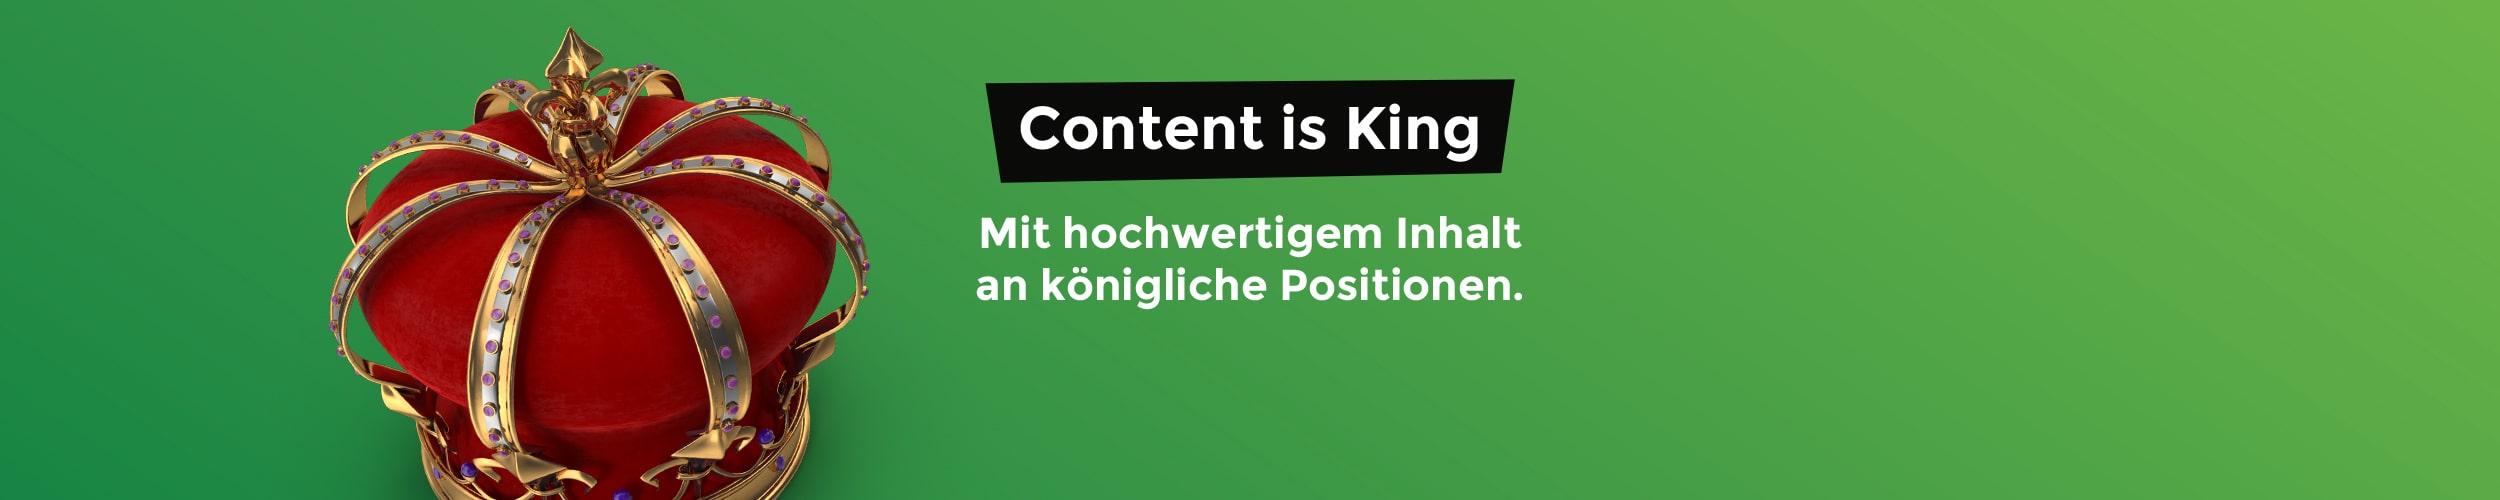 Content Marketing für Rosenheim und Umgebung